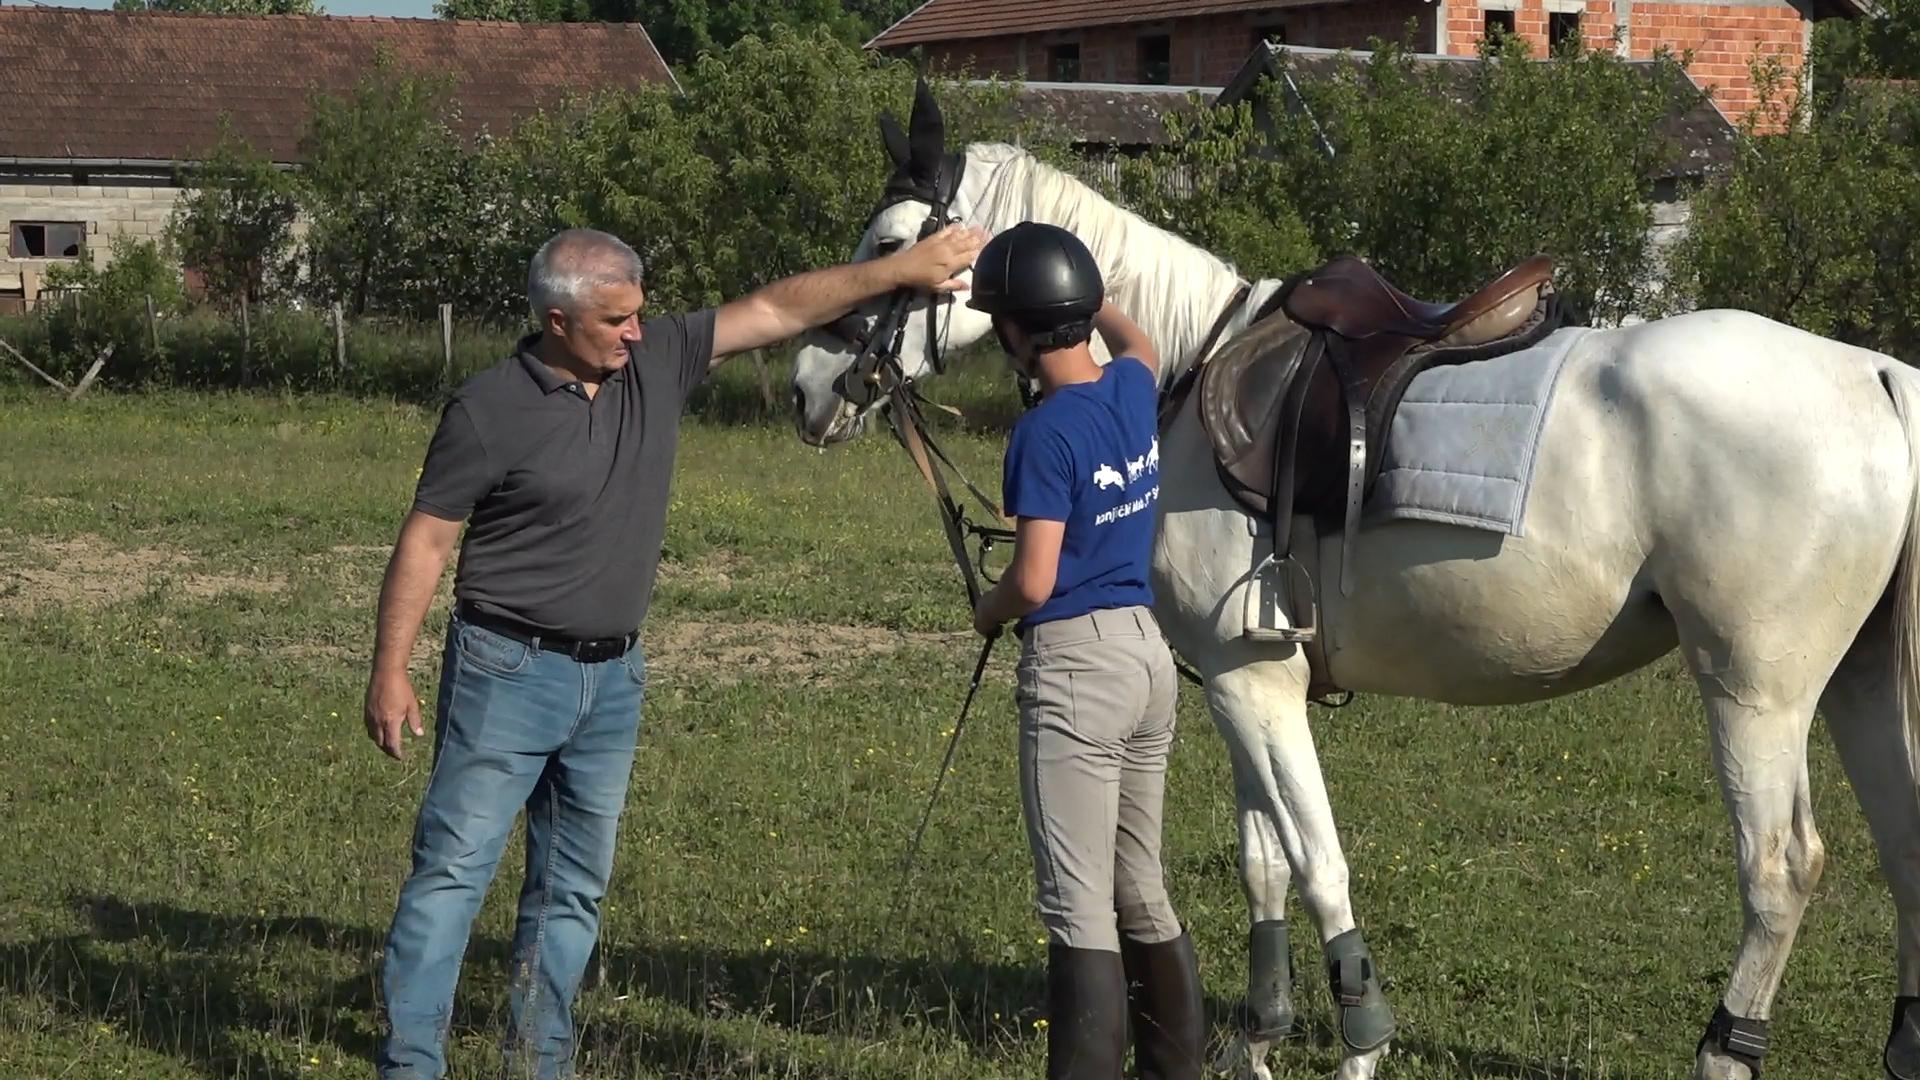 PUT NAS DOVEO: Bojan i Đorđe Ugren iz Srpca, velika ljubav prema konjima – 13.06.2021.